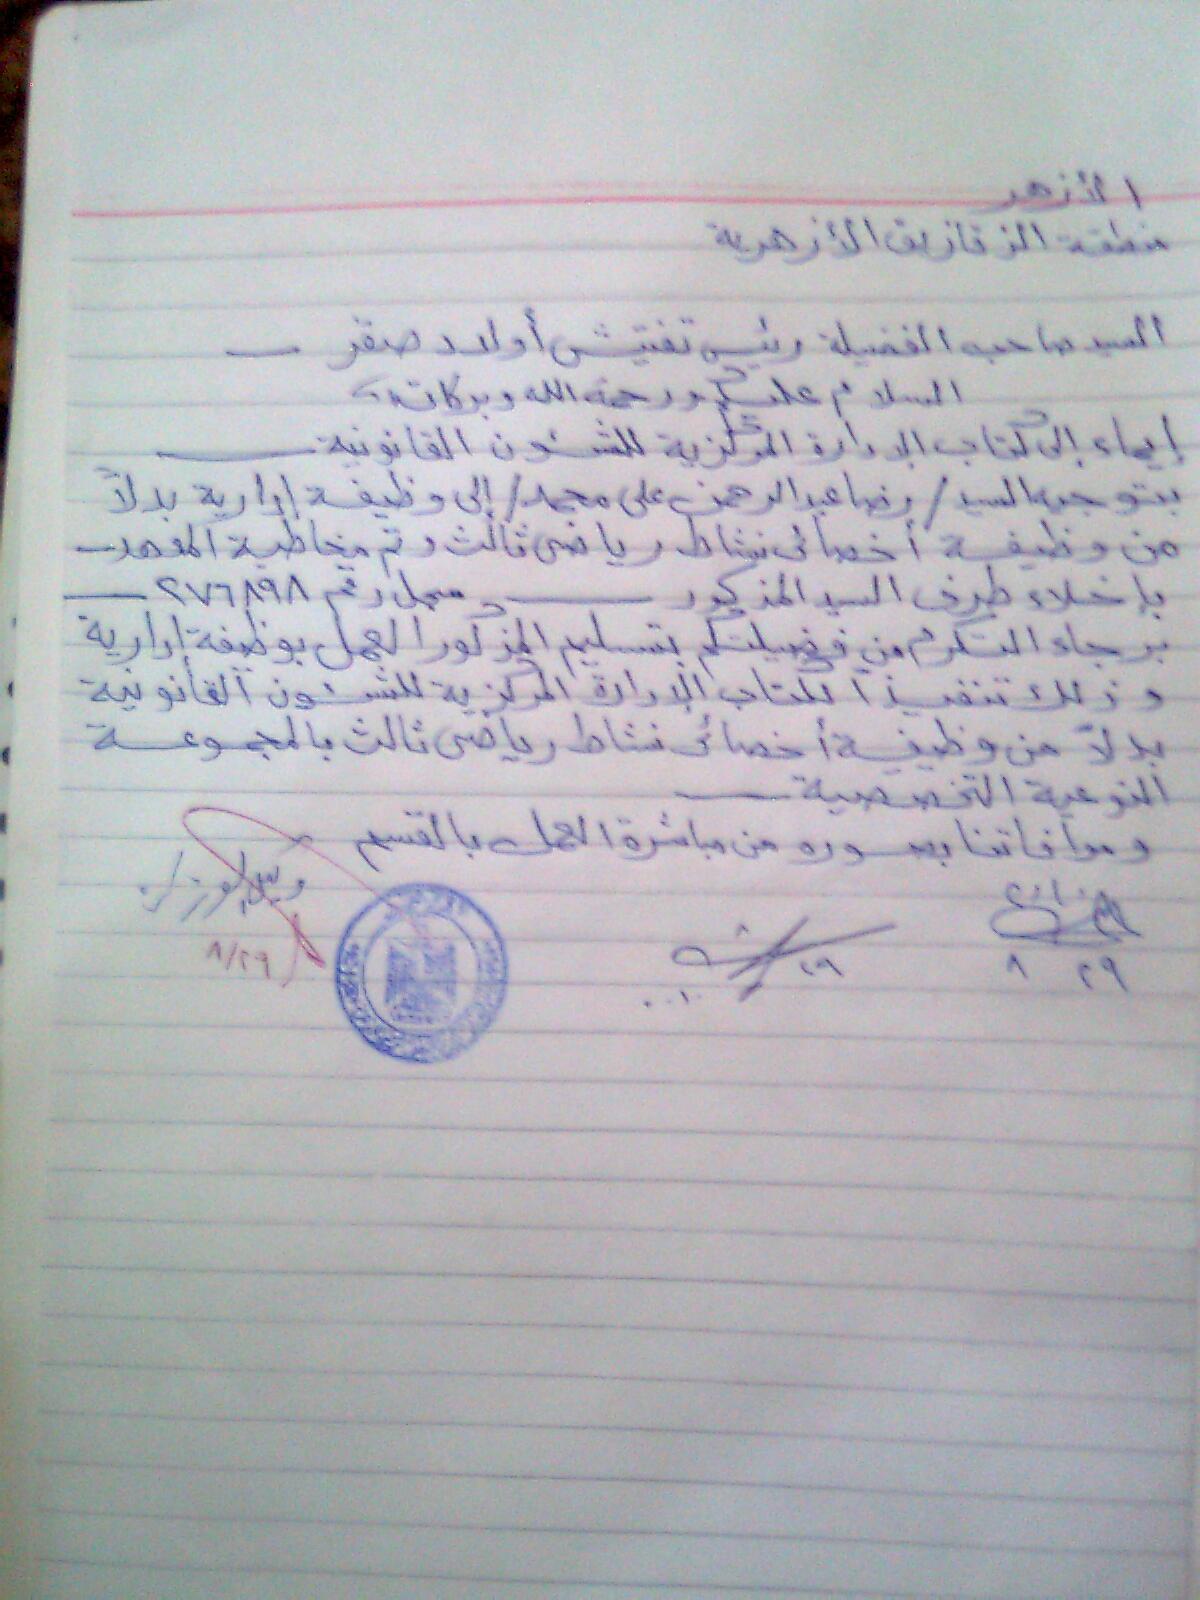 الــعـــدل الـحـــريـة الـســـــلام مارس 2011